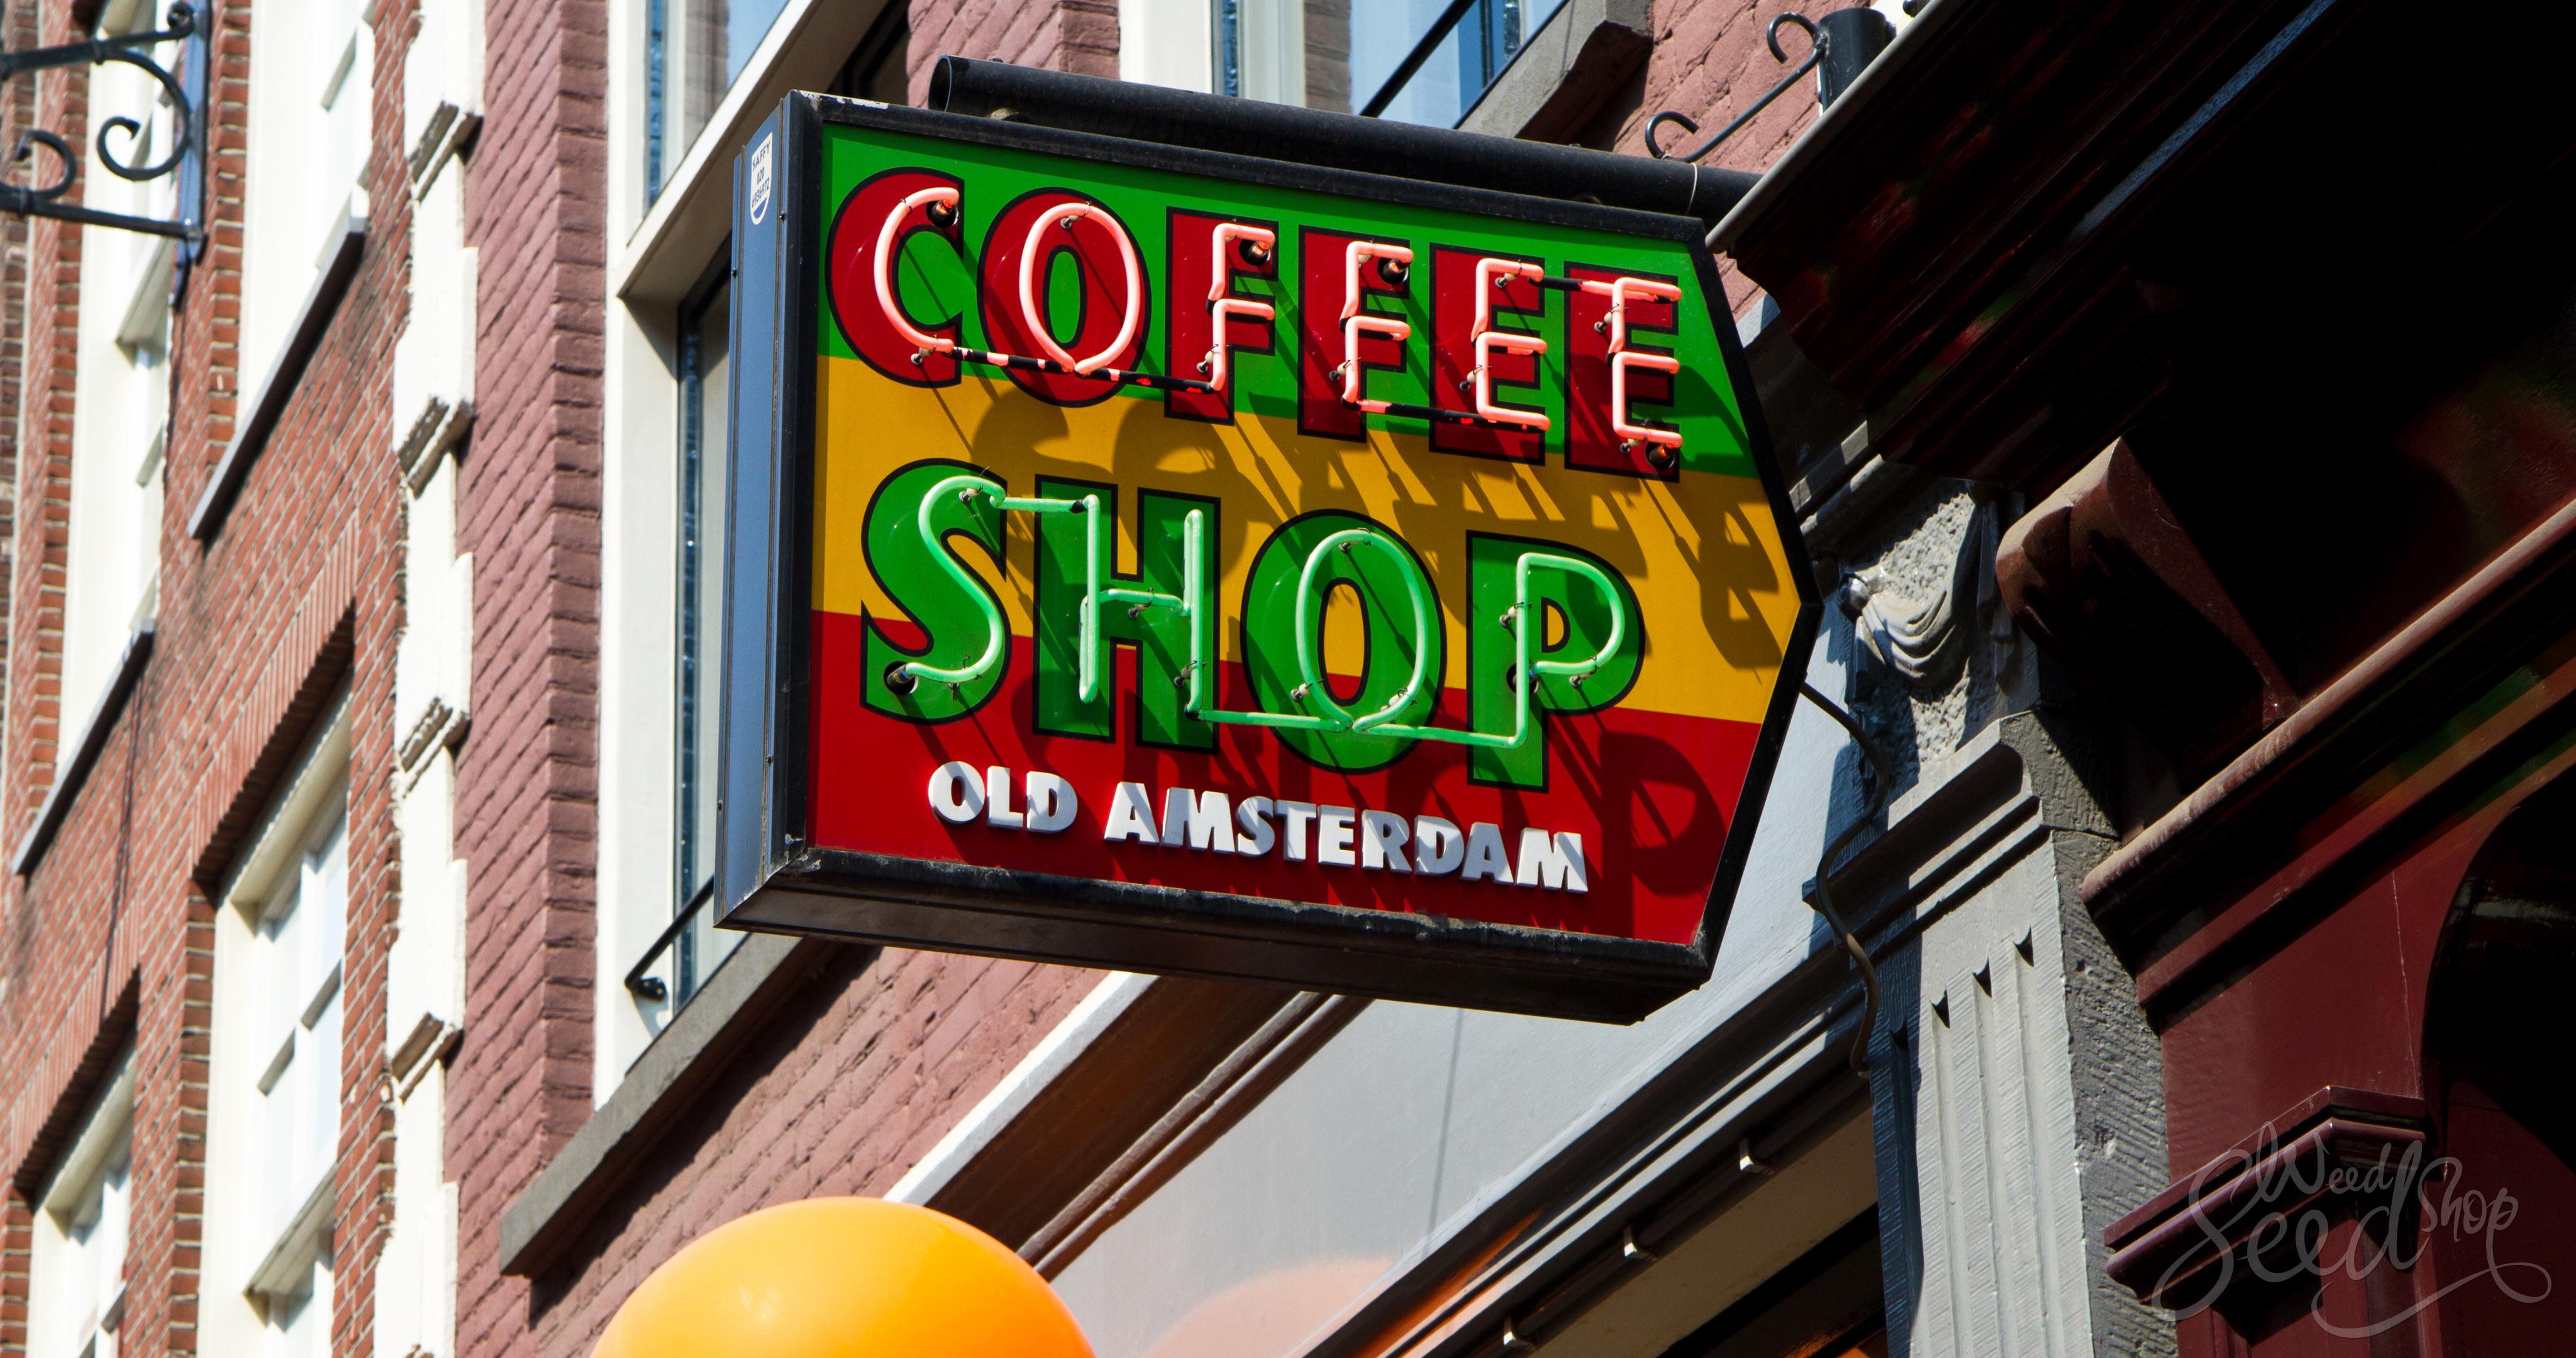 Hoe bezoek je een coffeeshop voor de eerste keer - WeedSeedShop